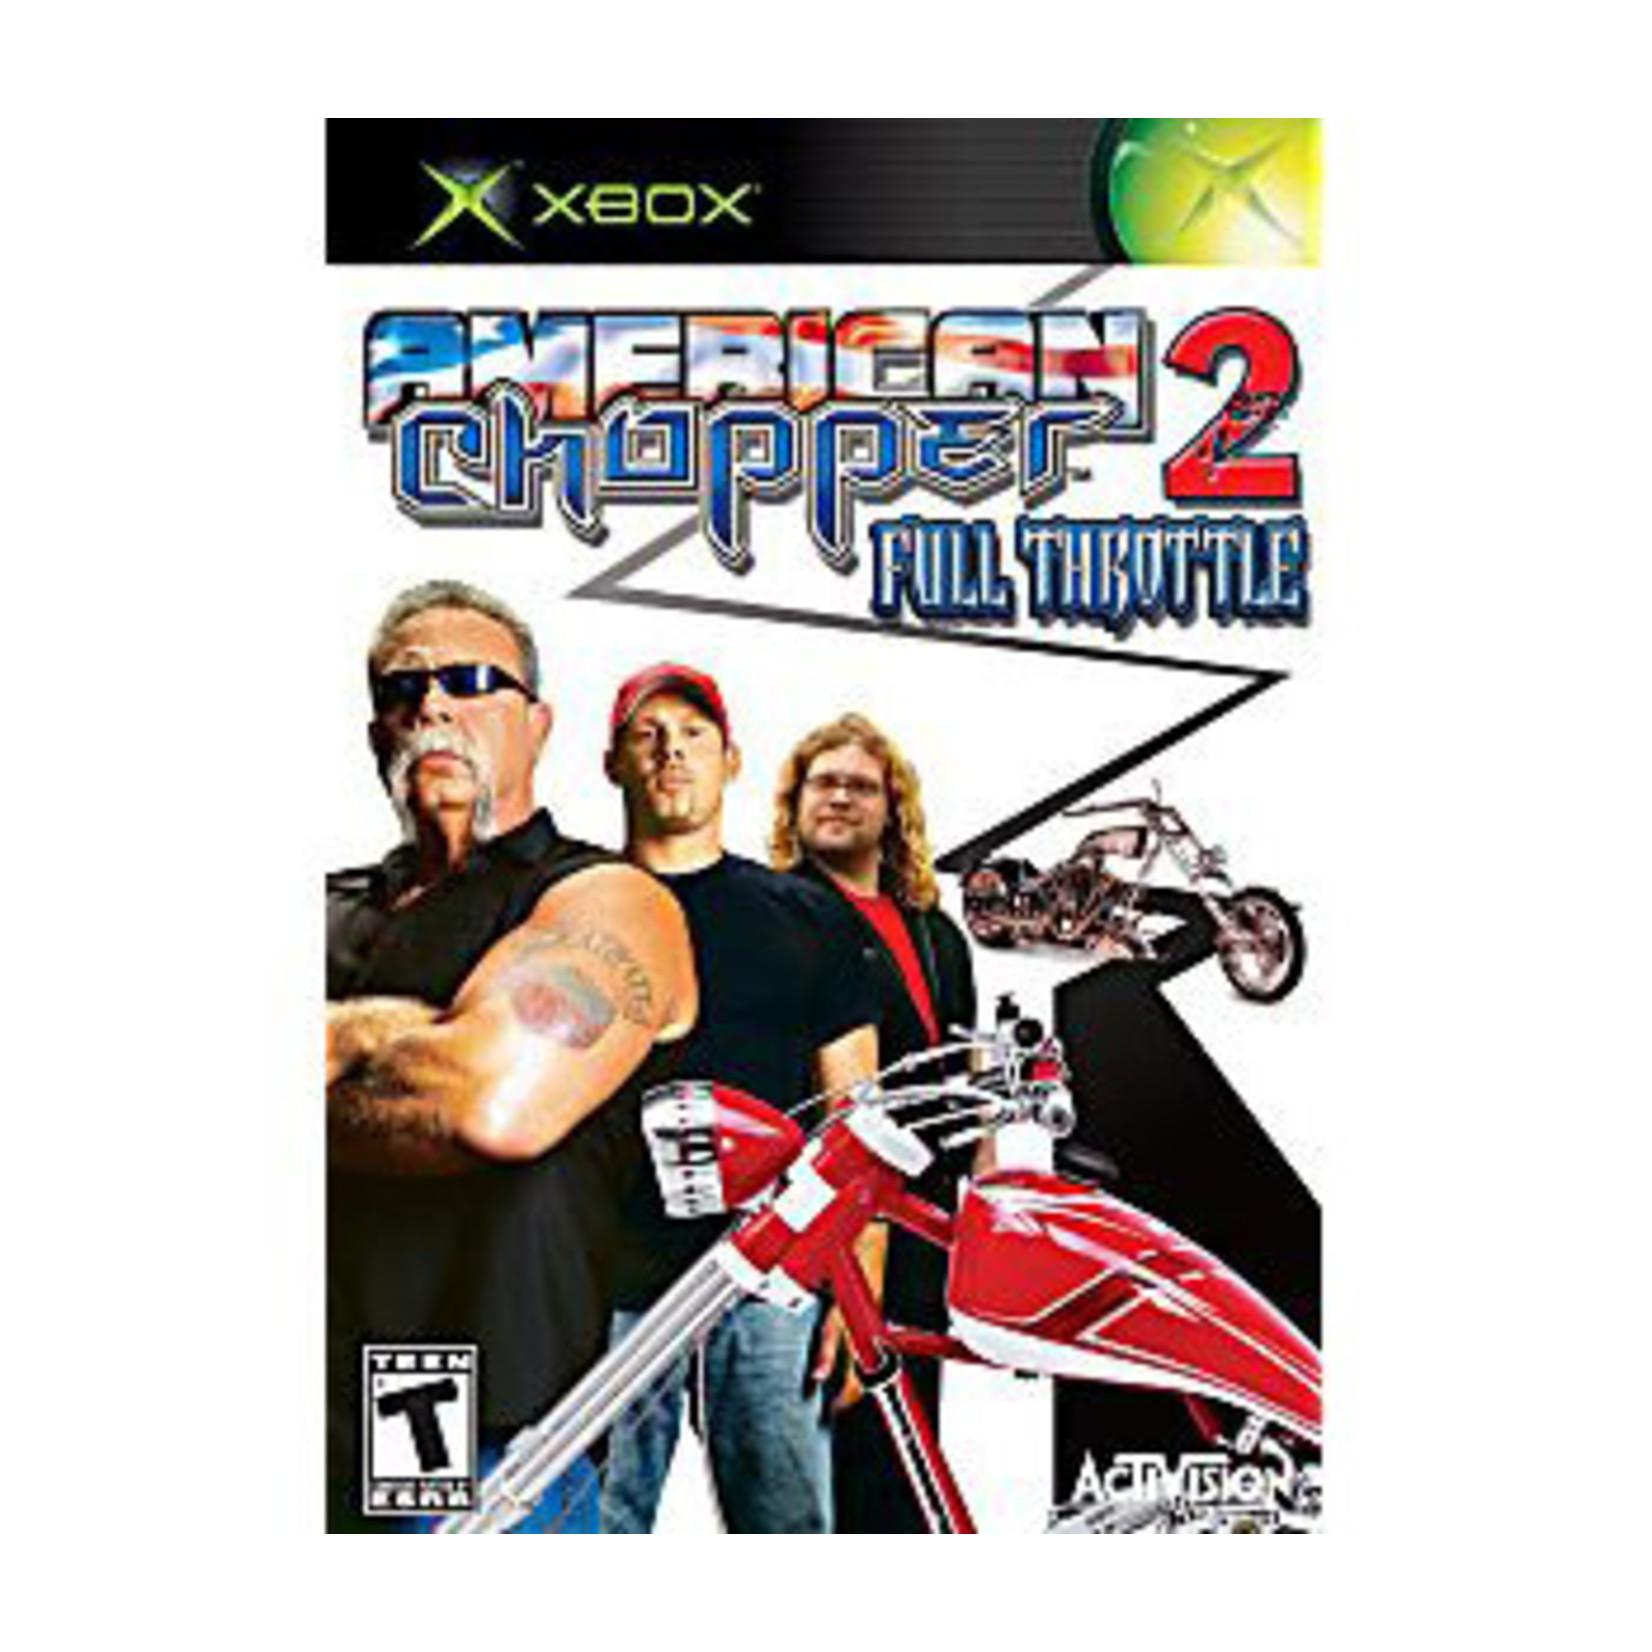 XBU-AMERICAN CHOPPER 2